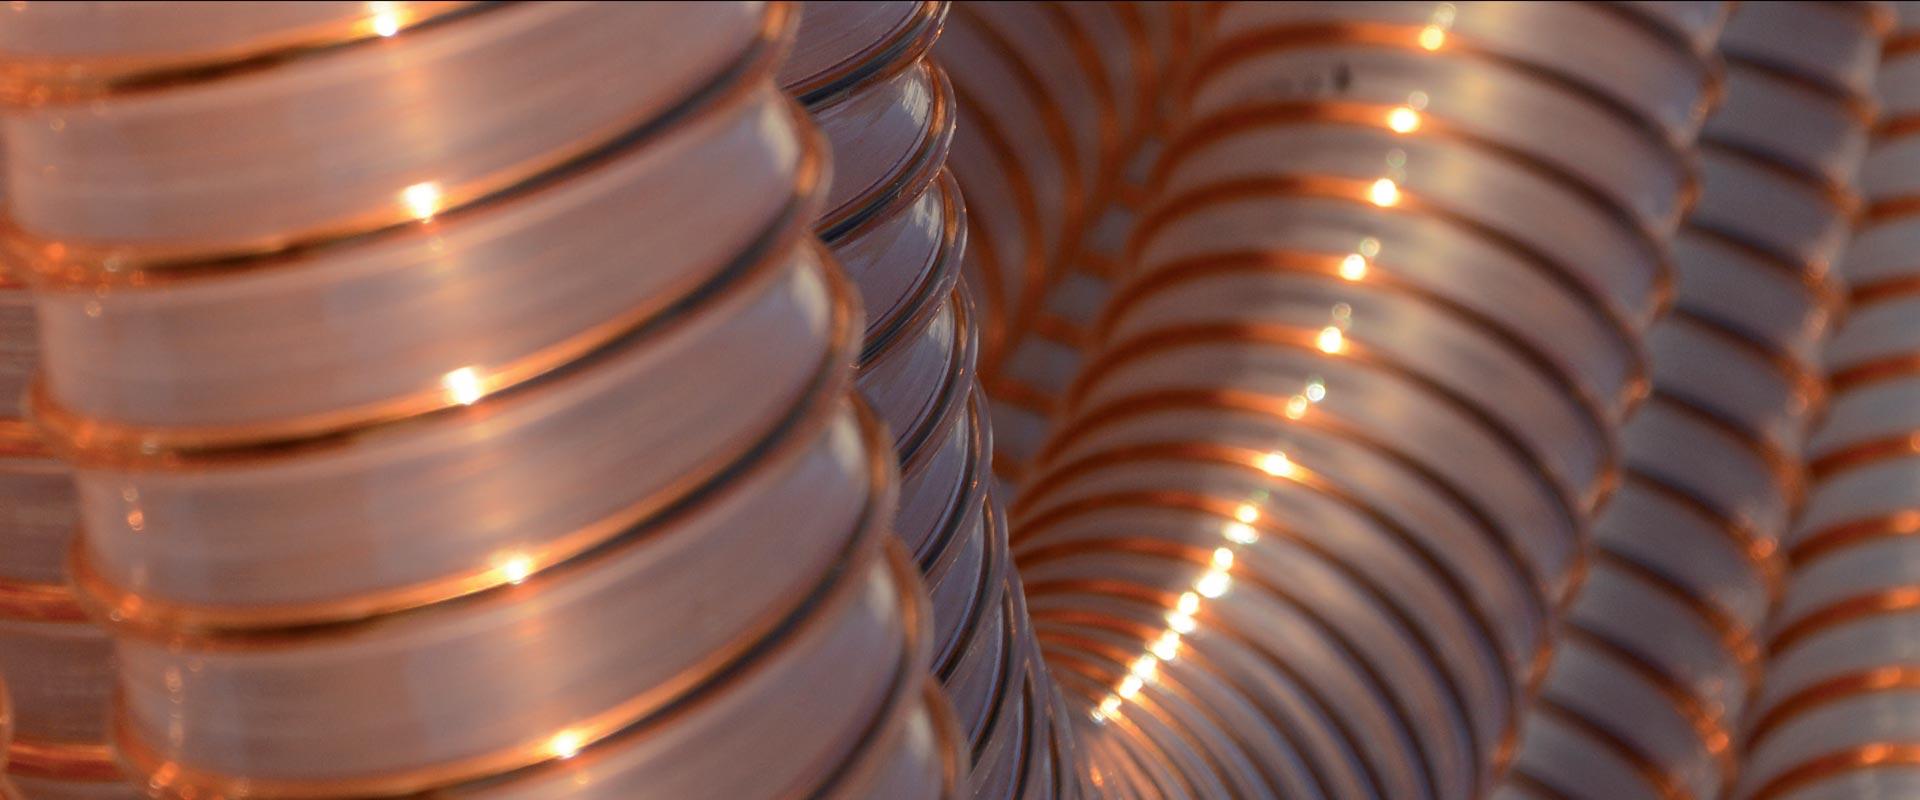 Fabricant de tuyaux et gaines flexibles